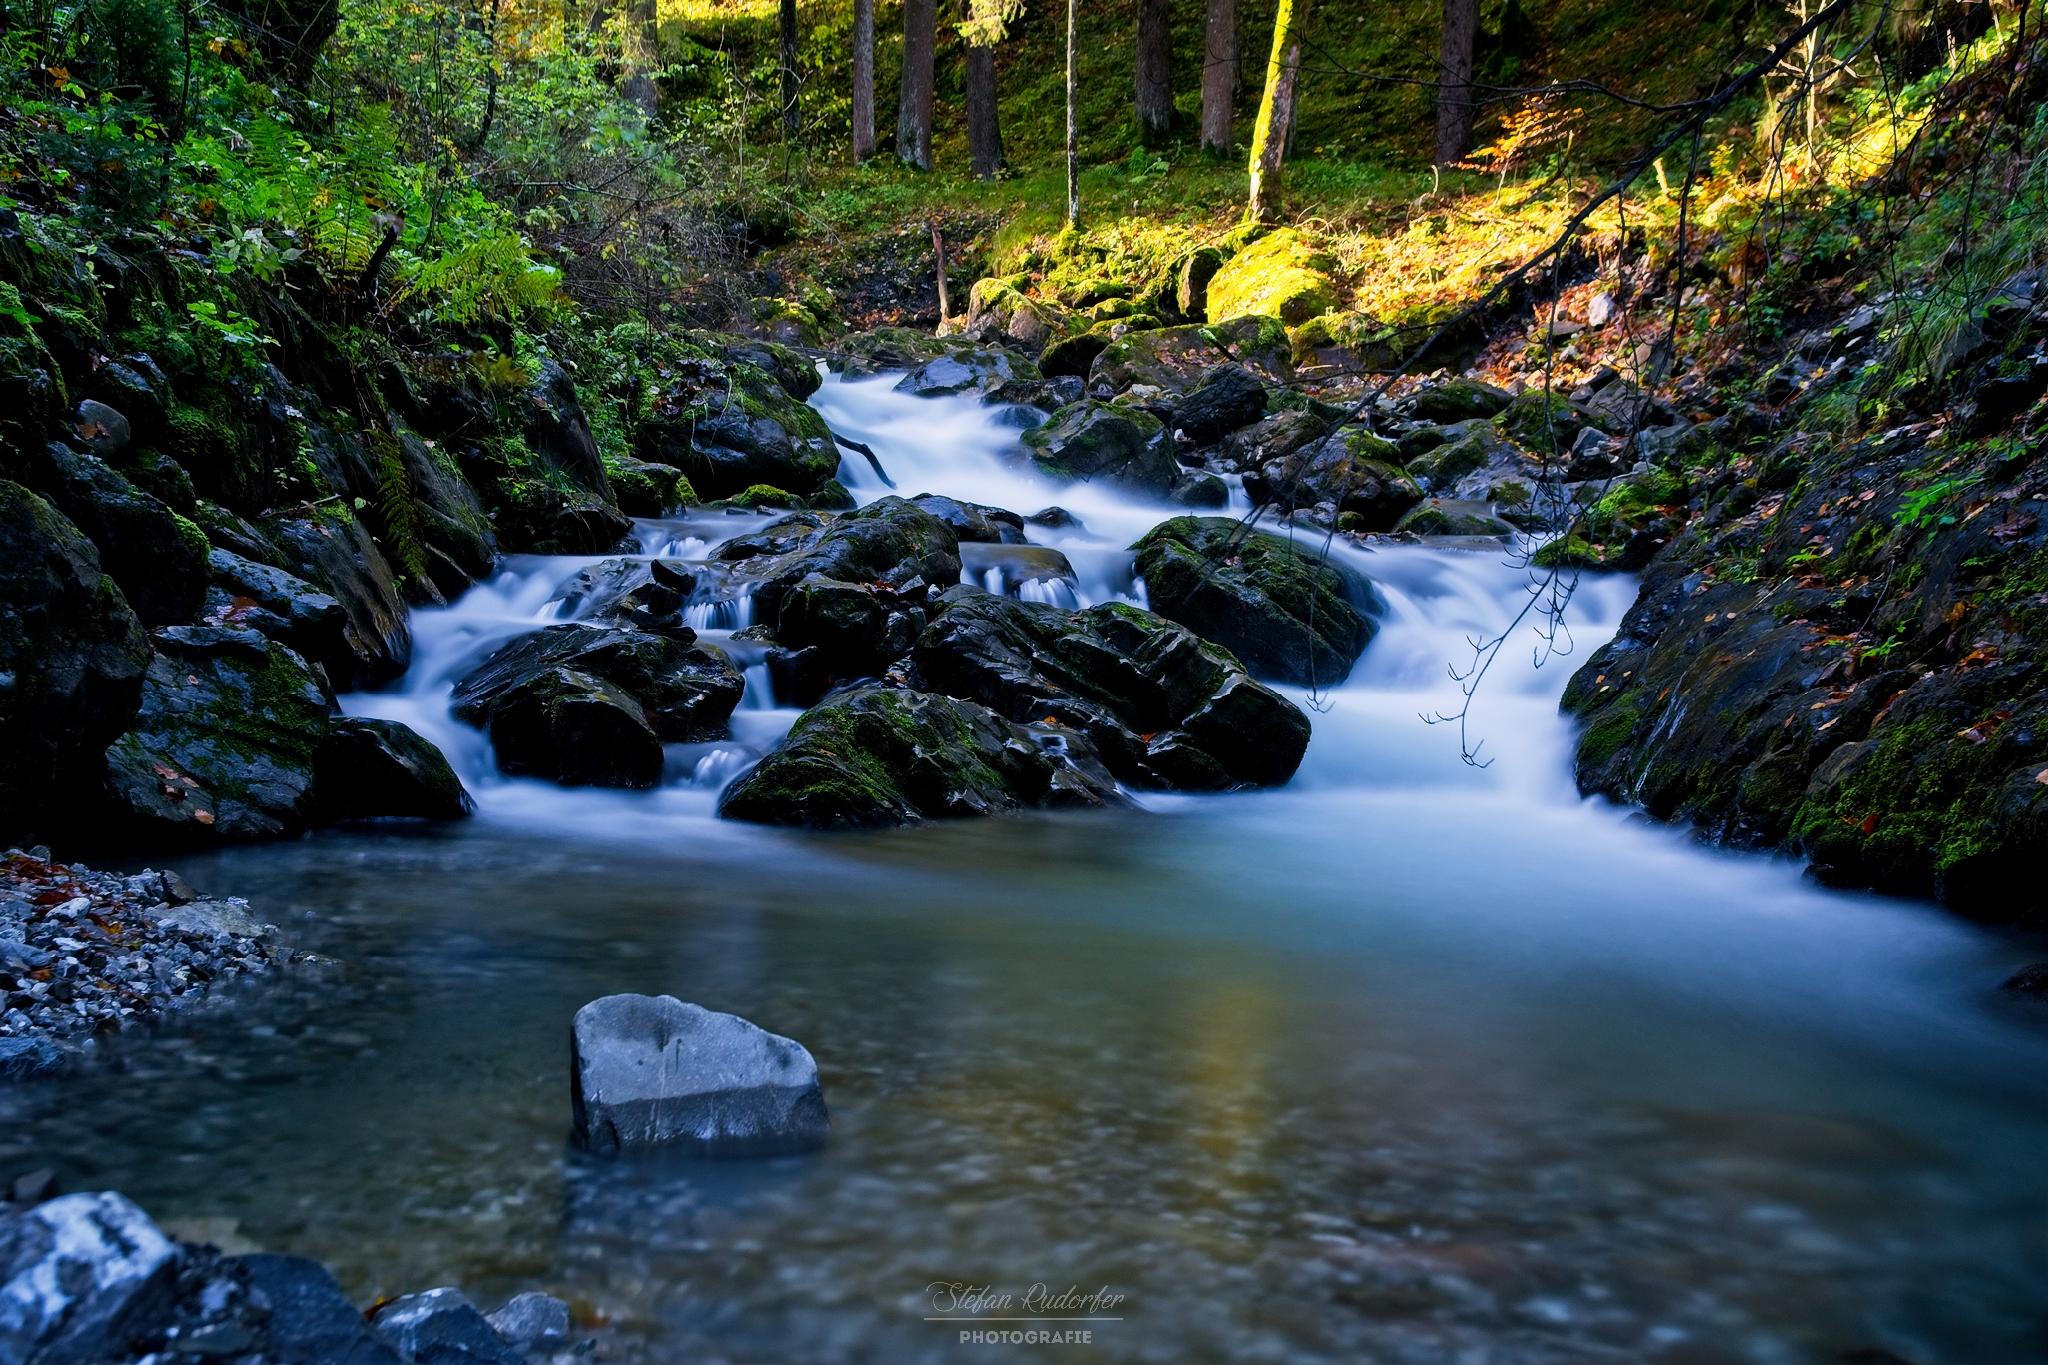 Wasserlauf am ende der Klamm